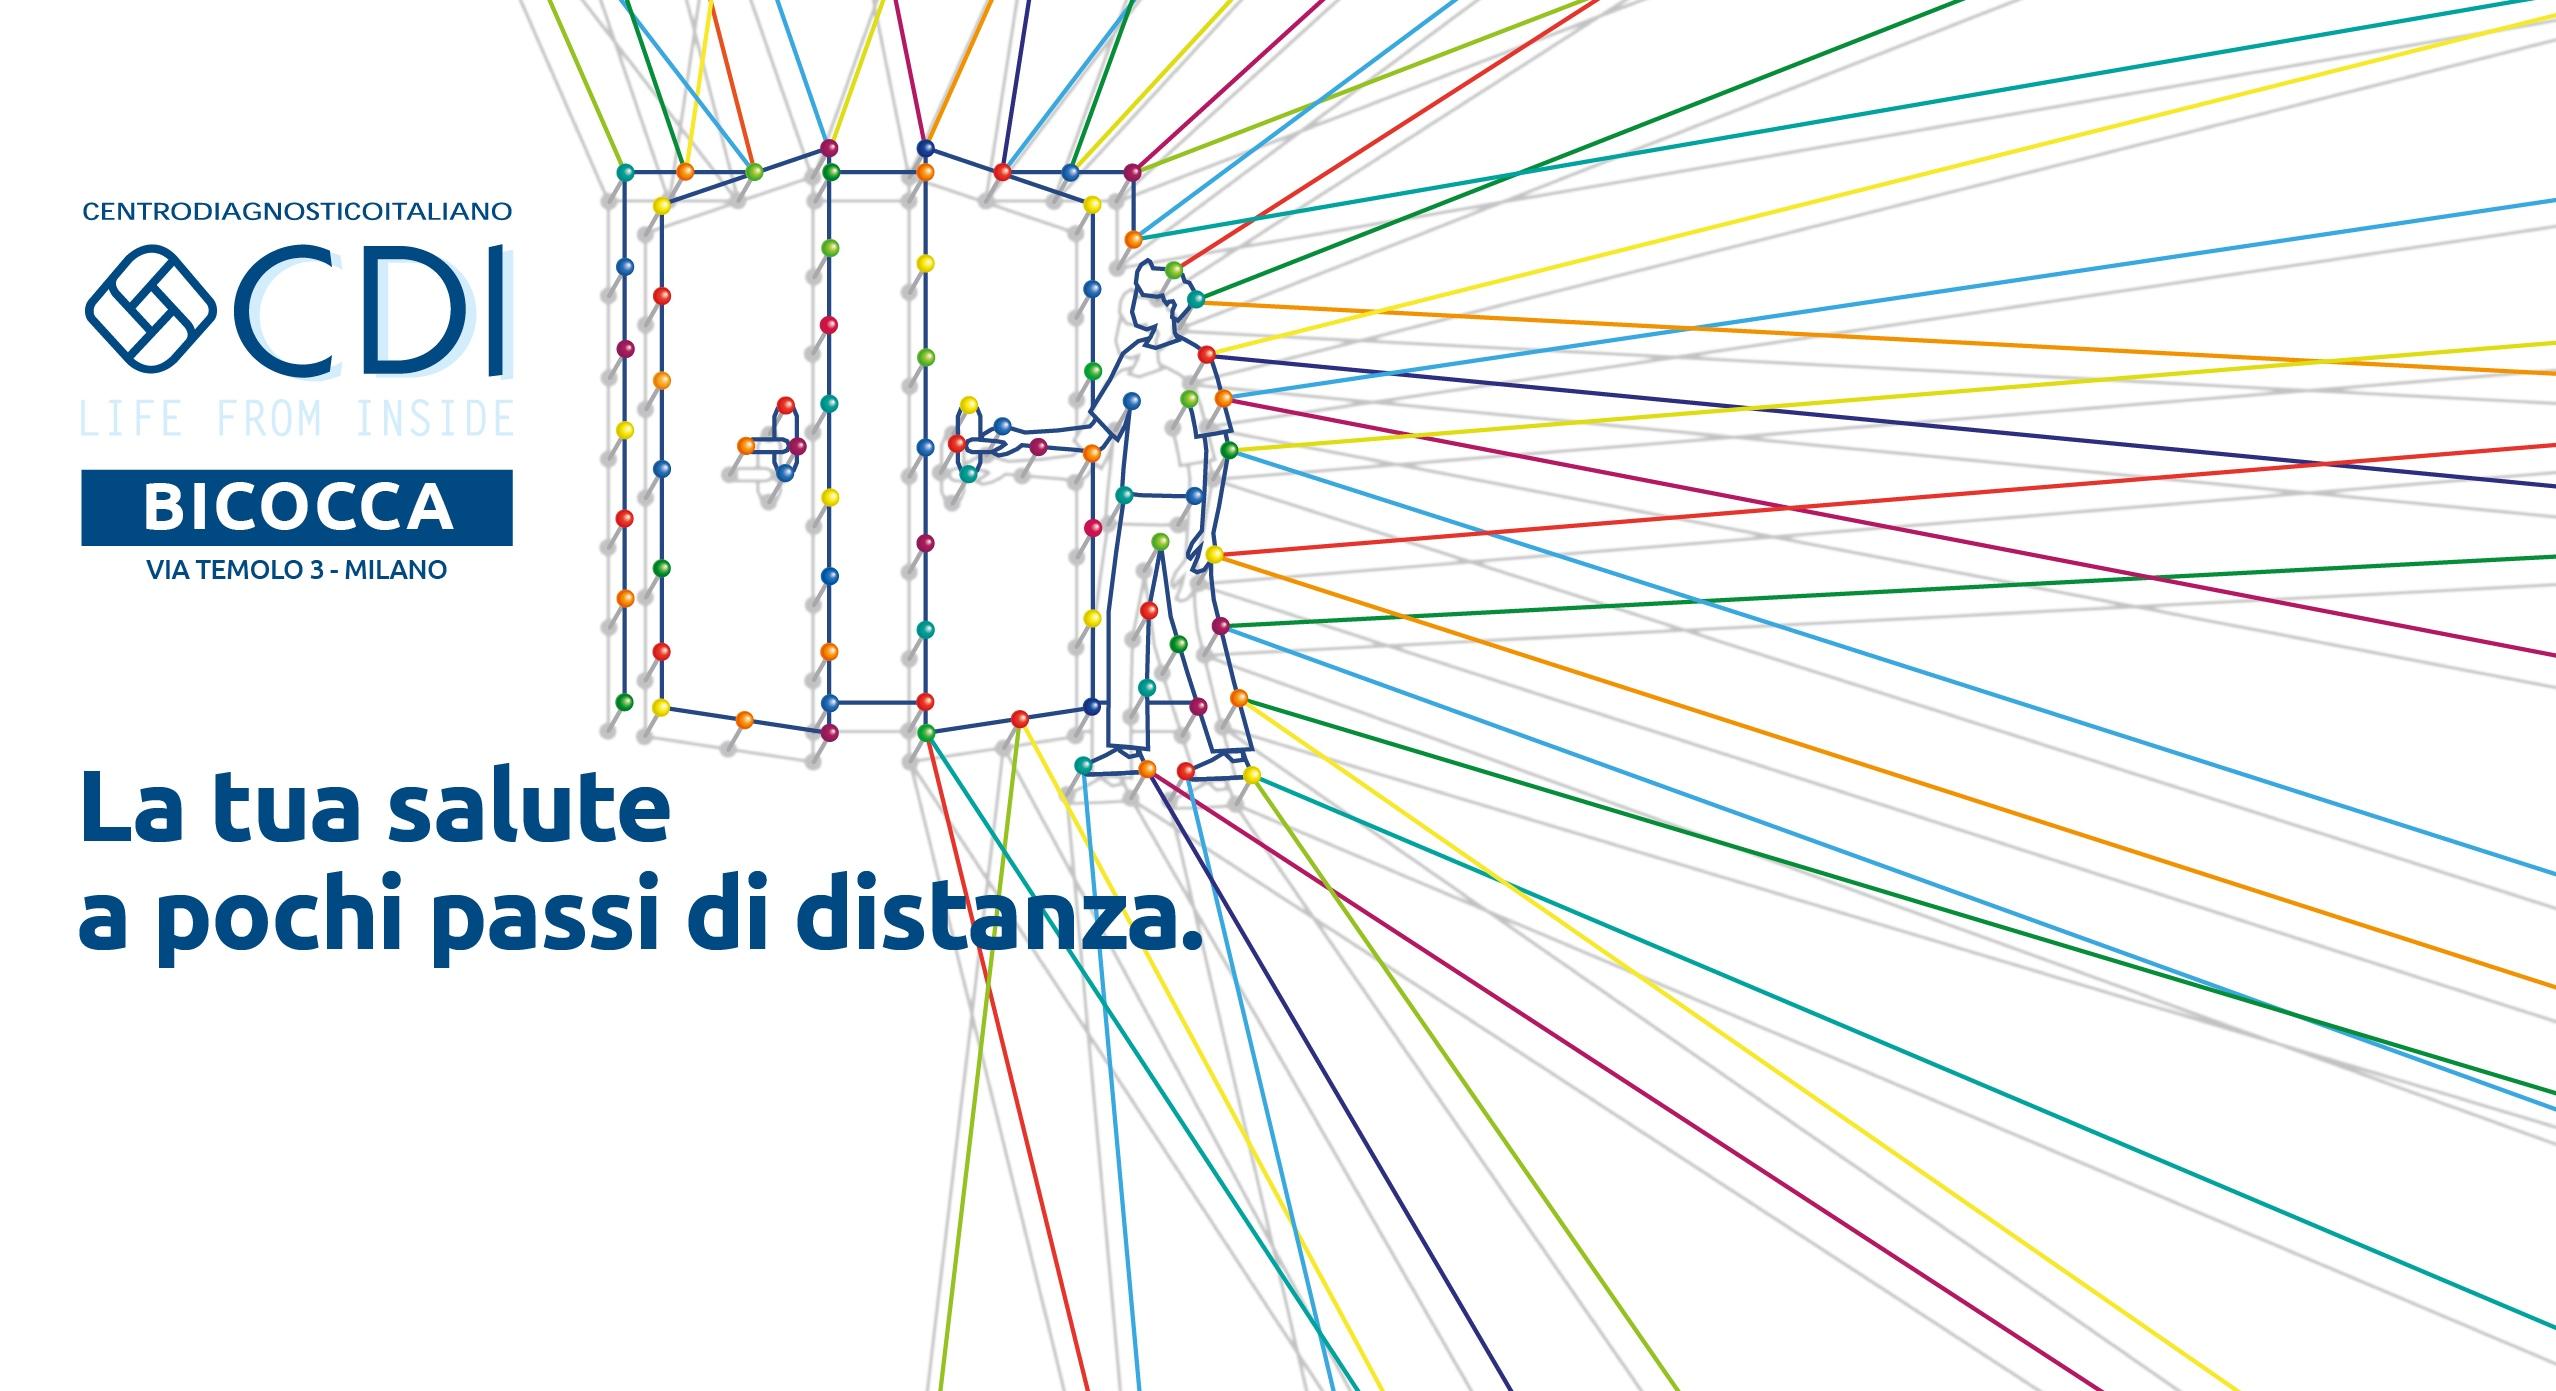 CDI Bicocca: il 30/08 apre anche il poliambulatorio